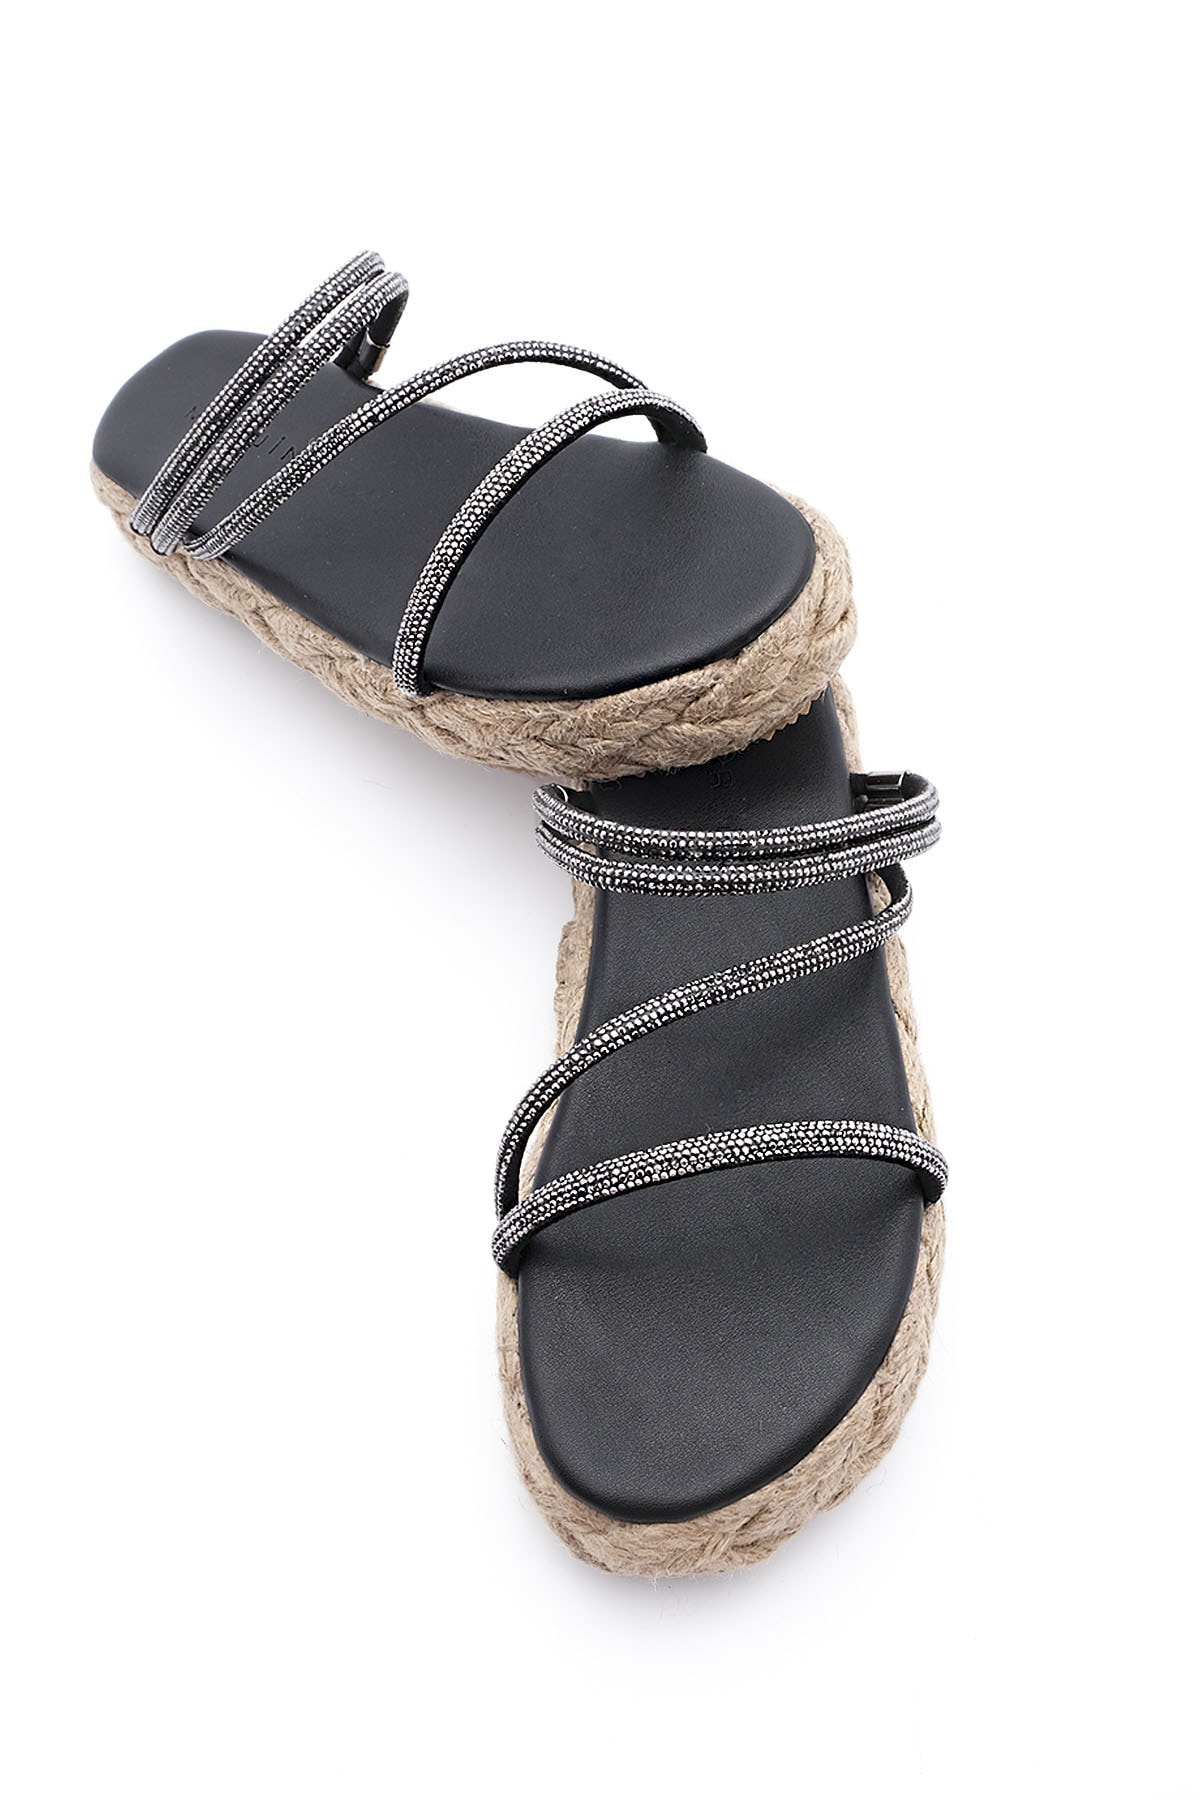 النساء الصنادل s الخوص الفيلة الكعوب يجب الأسود الصيف داخلي في الهواء الطلق الوجه يتخبط الشاطئ حذاء الإناث النعال منصة عادية